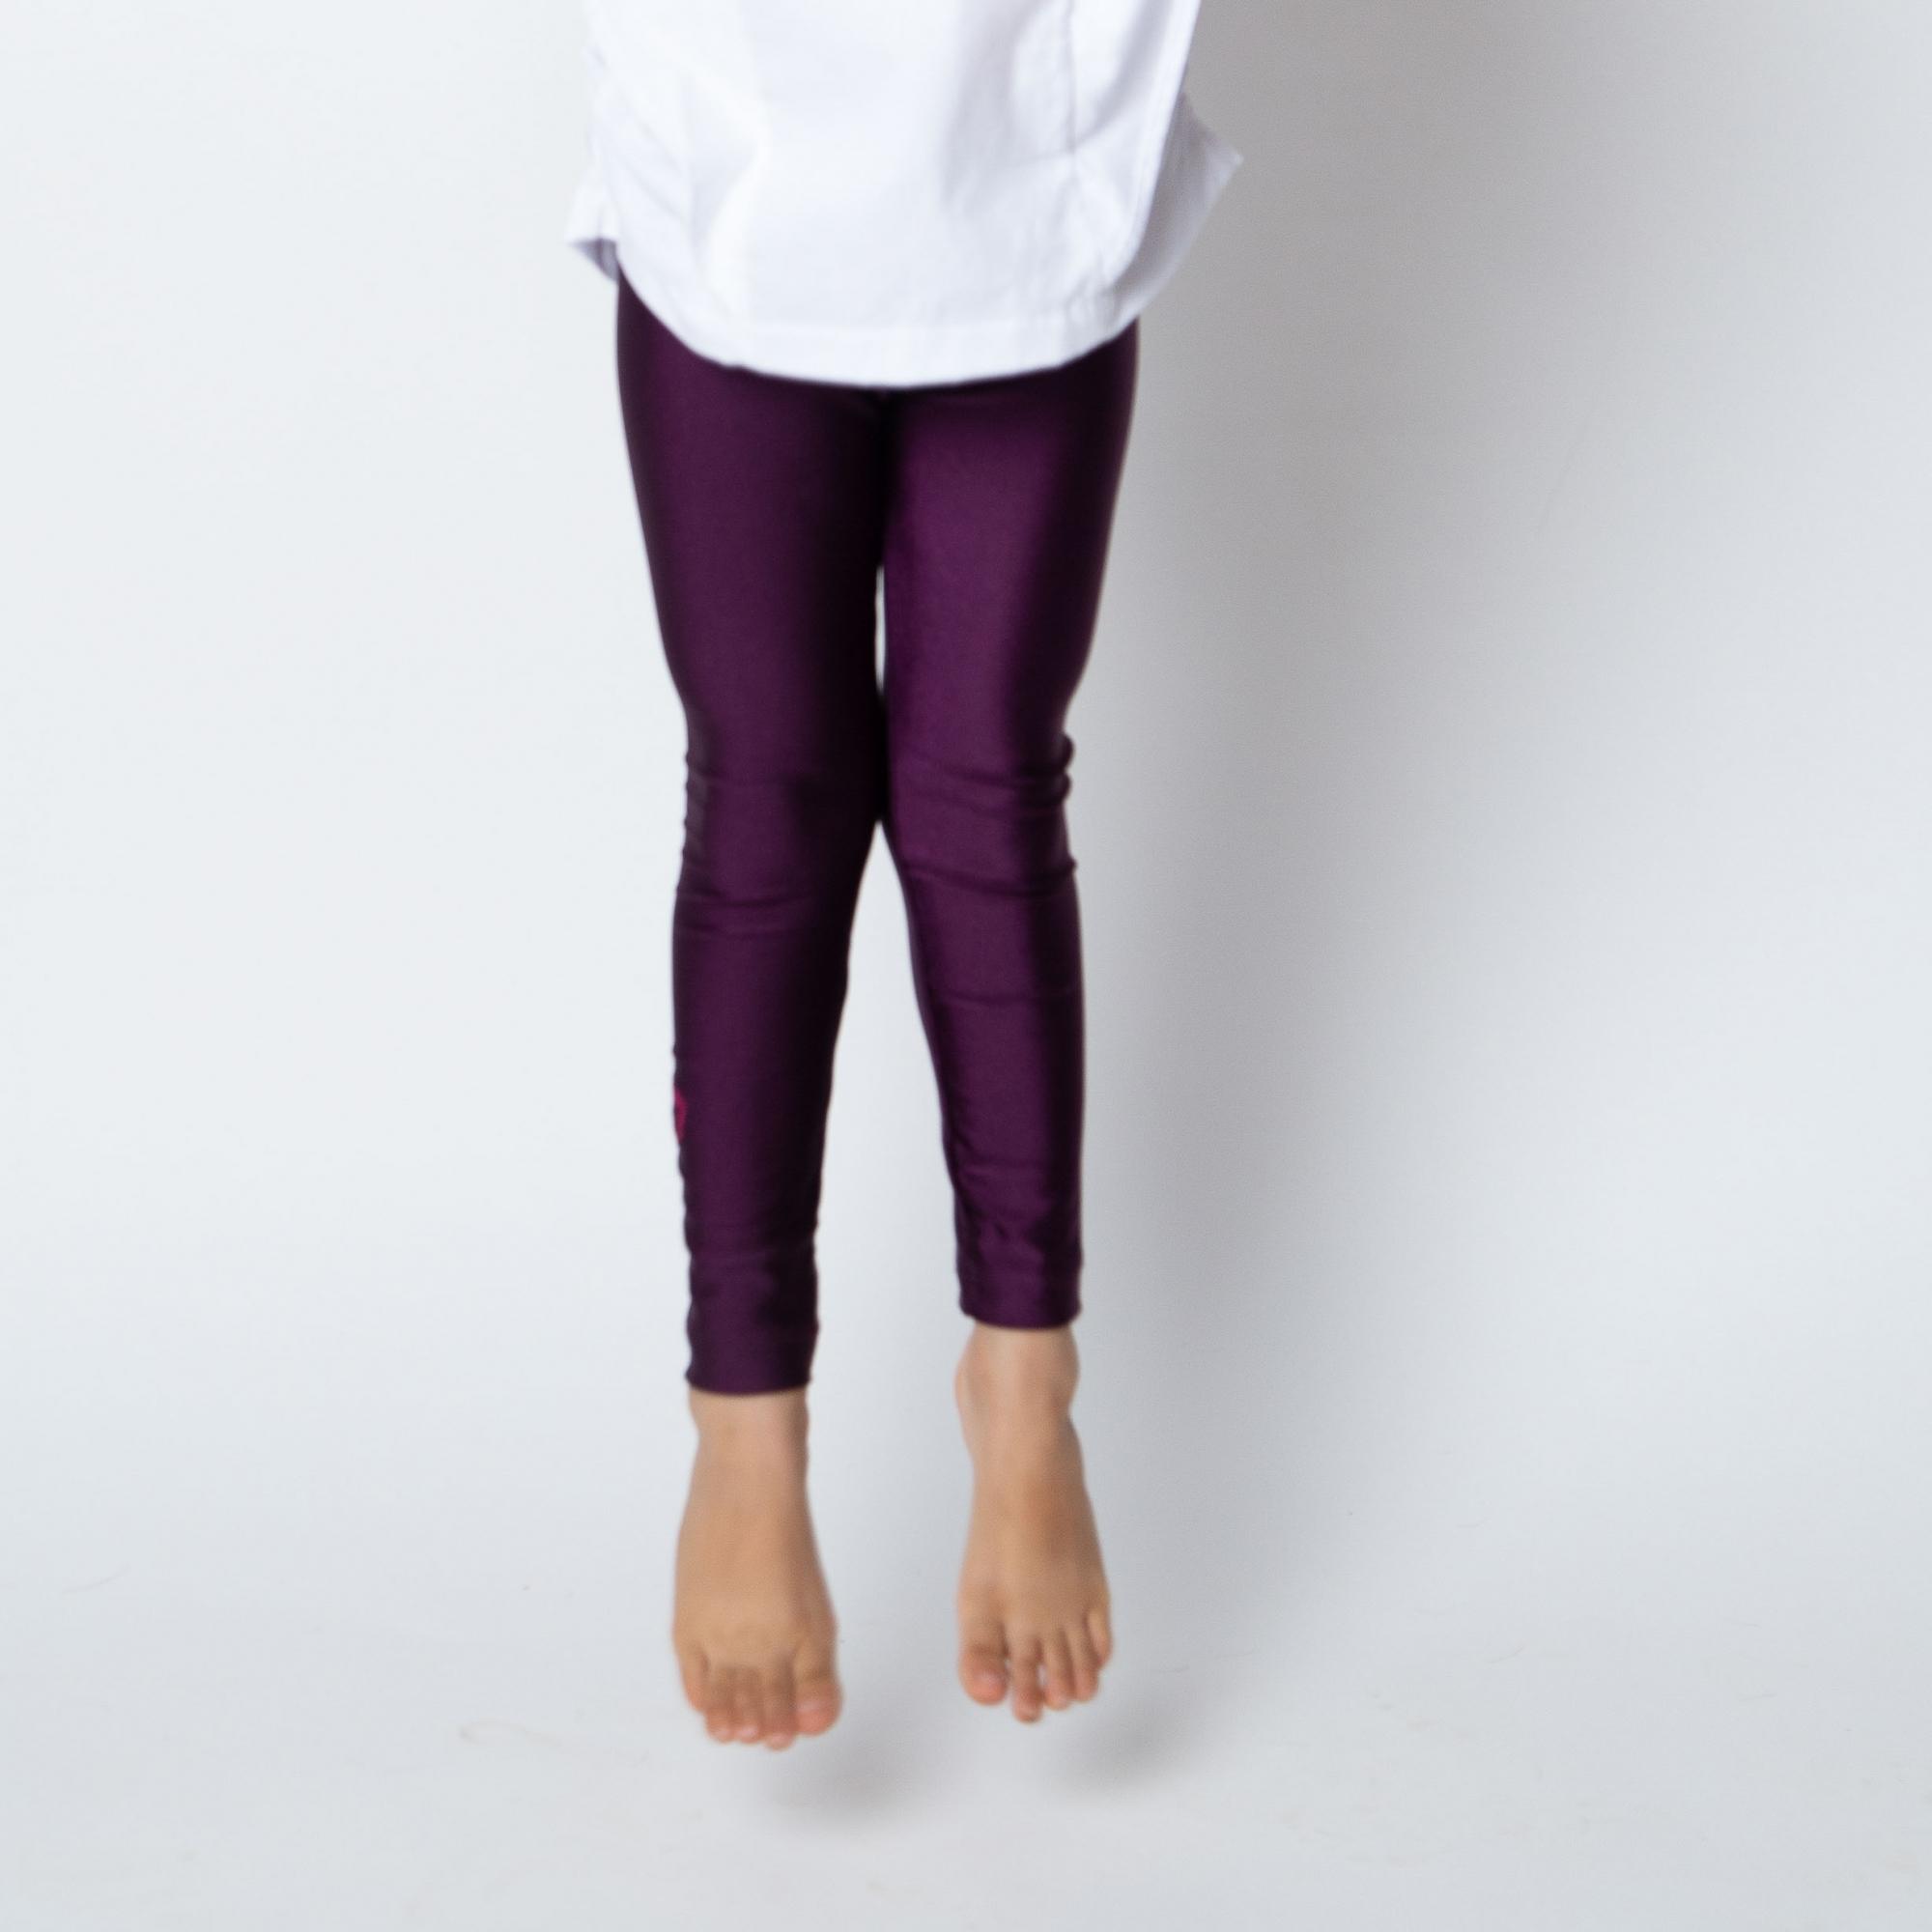 Legging Reletech Uva